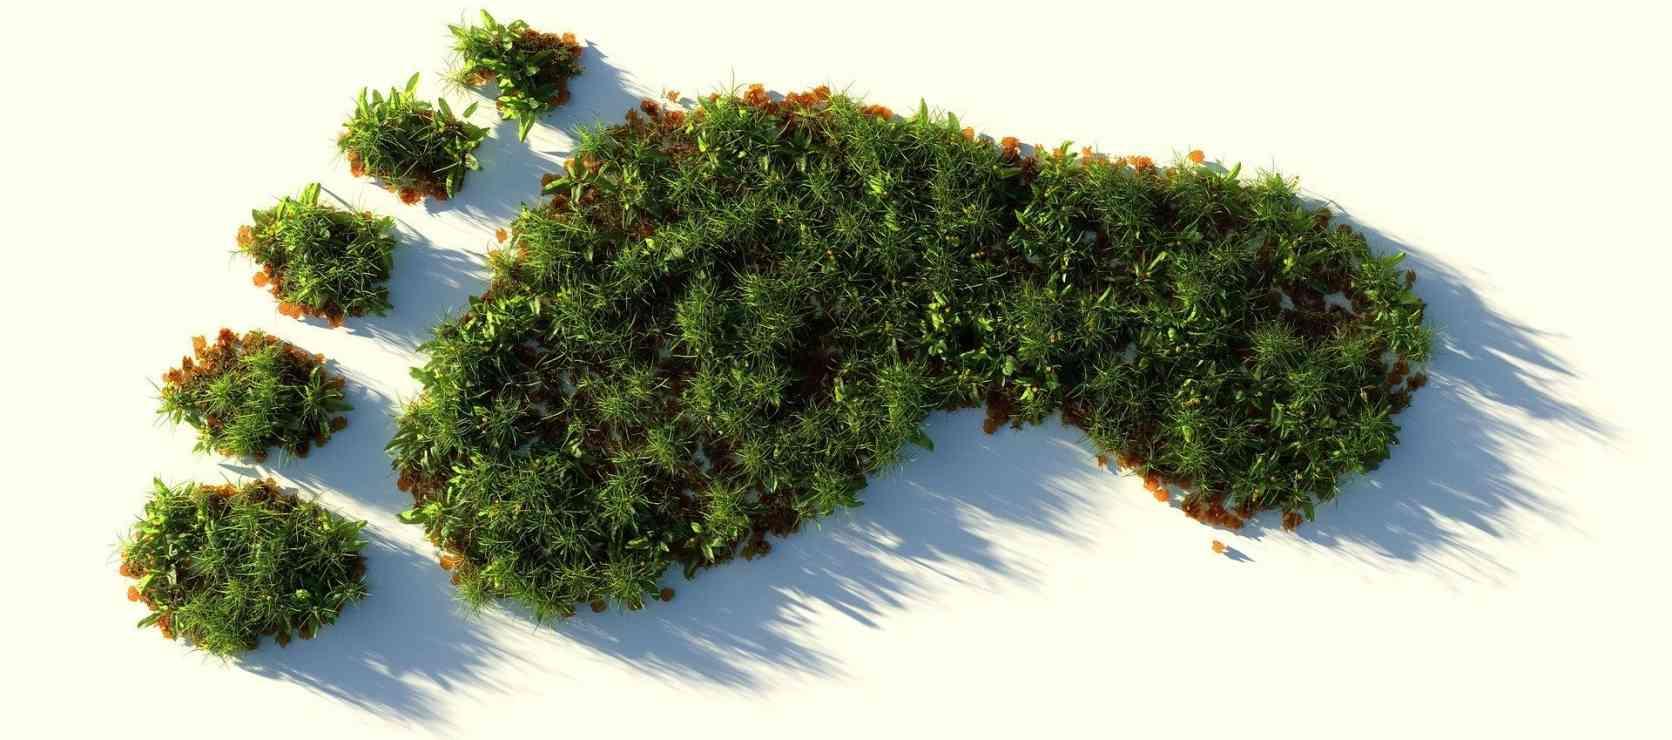 Grüner Fußabdruck © pixabay, CoLiN00B